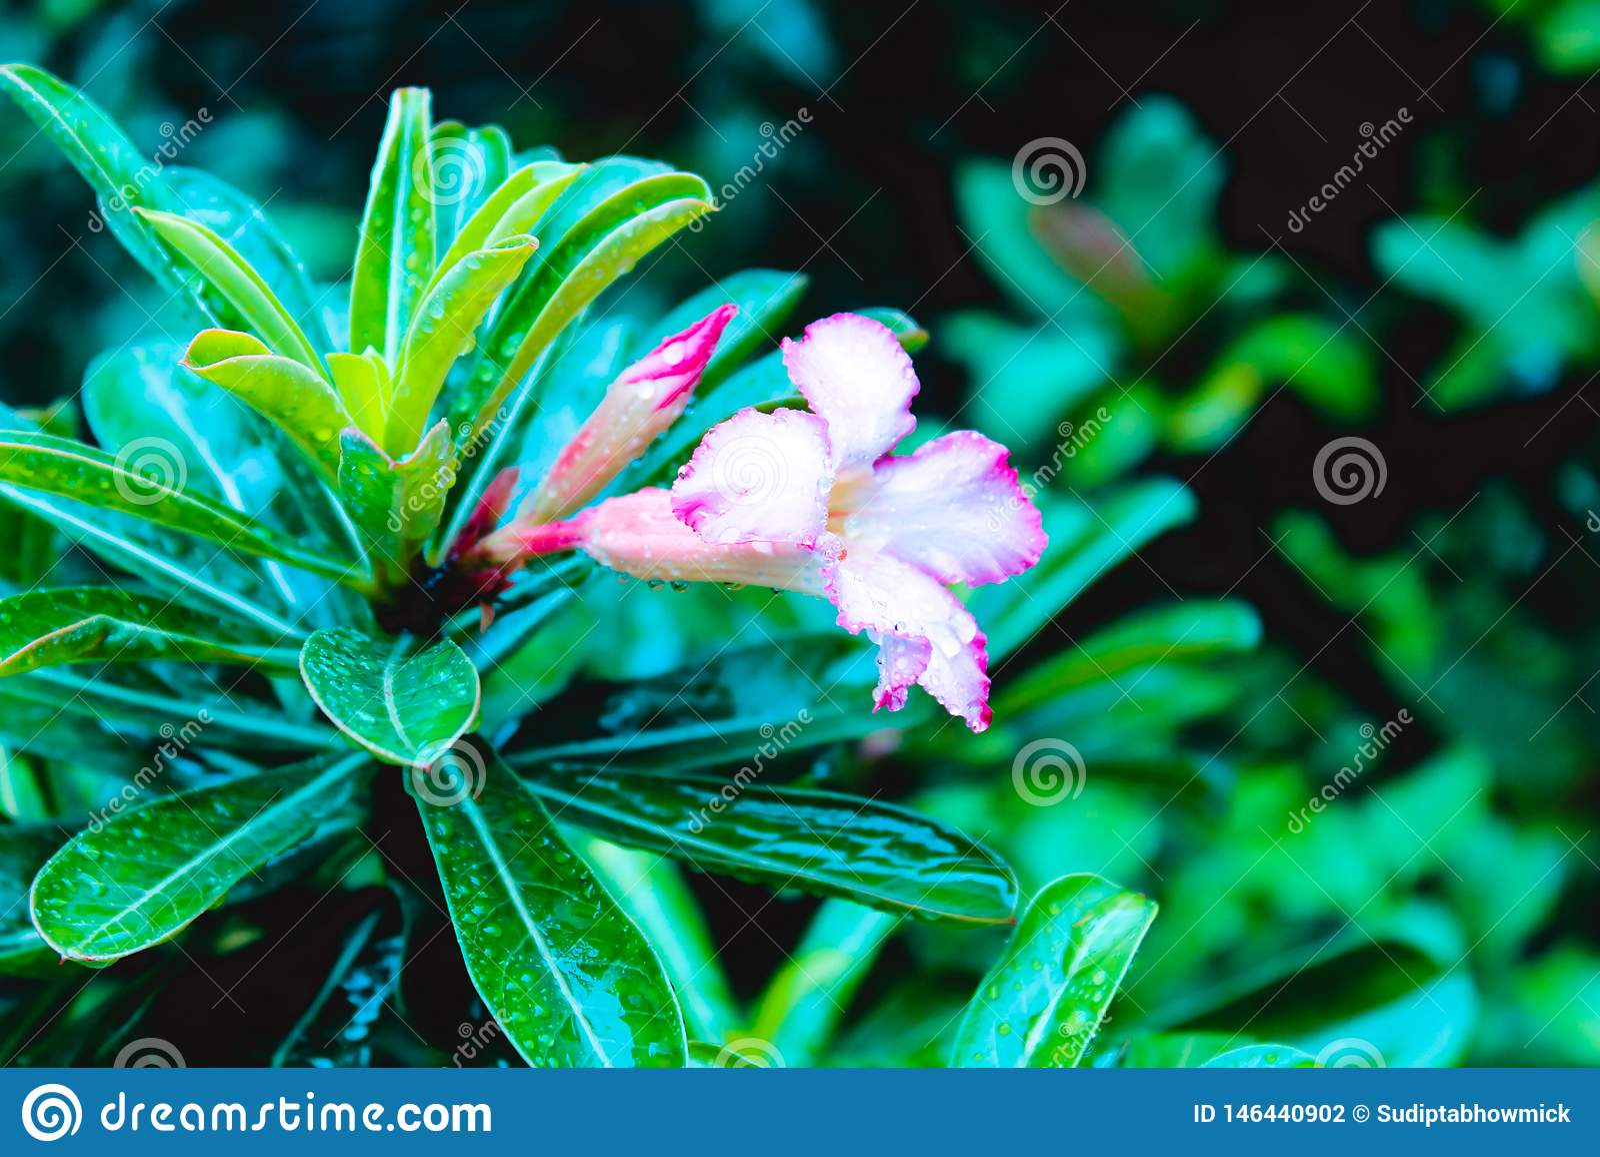 Tubowego winogradu pełzacza Campsis radicans są kwiatonośnym rośliną rodzinny Bignoniaceae, miejscowy, Europa i ameryka łacińska,